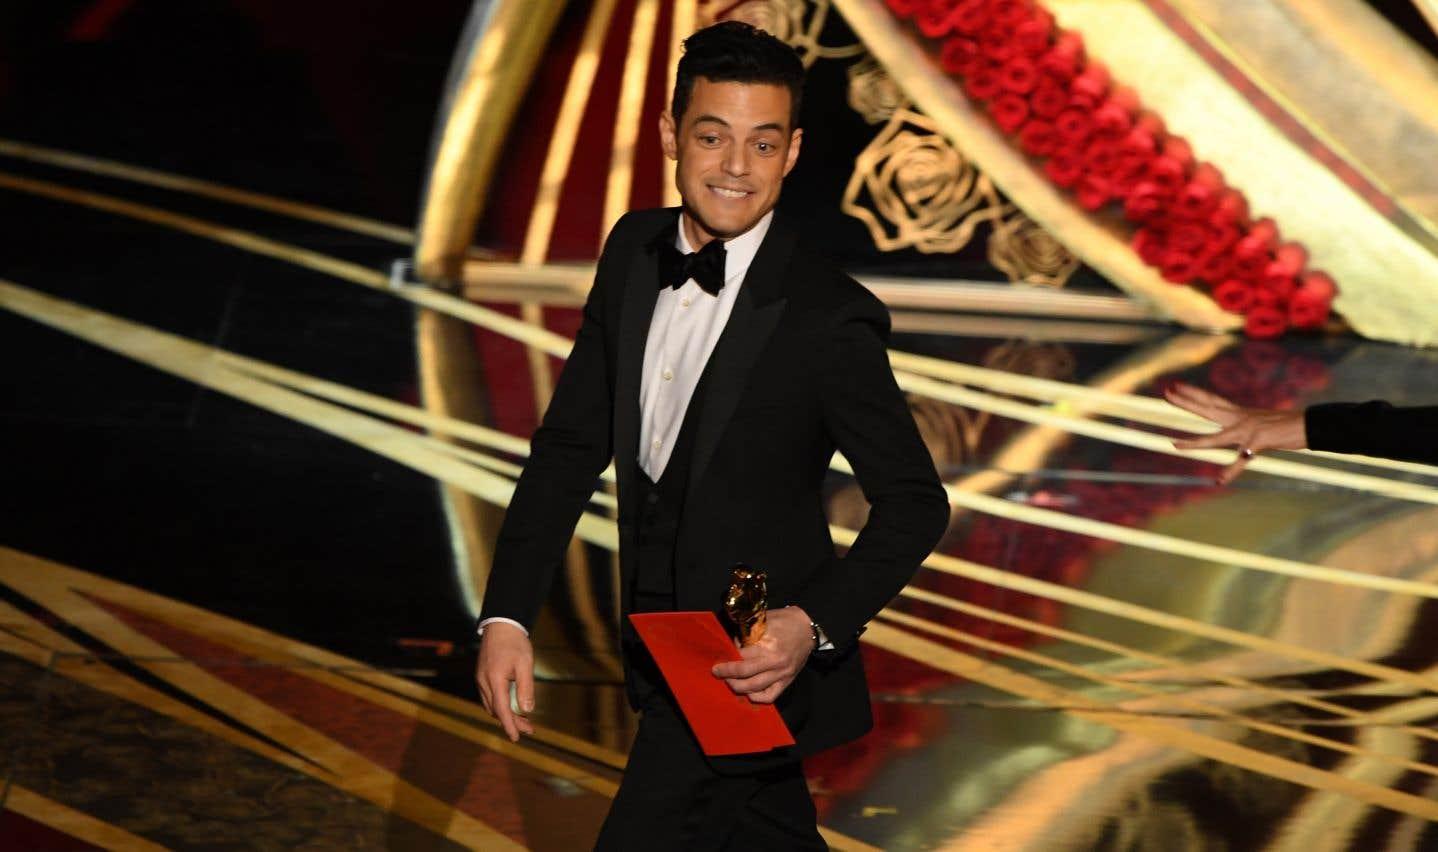 Rami Malek a été récompensé pour son rôle dans «Bohemian Rhapsody» par l'Oscar du meilleur acteur.